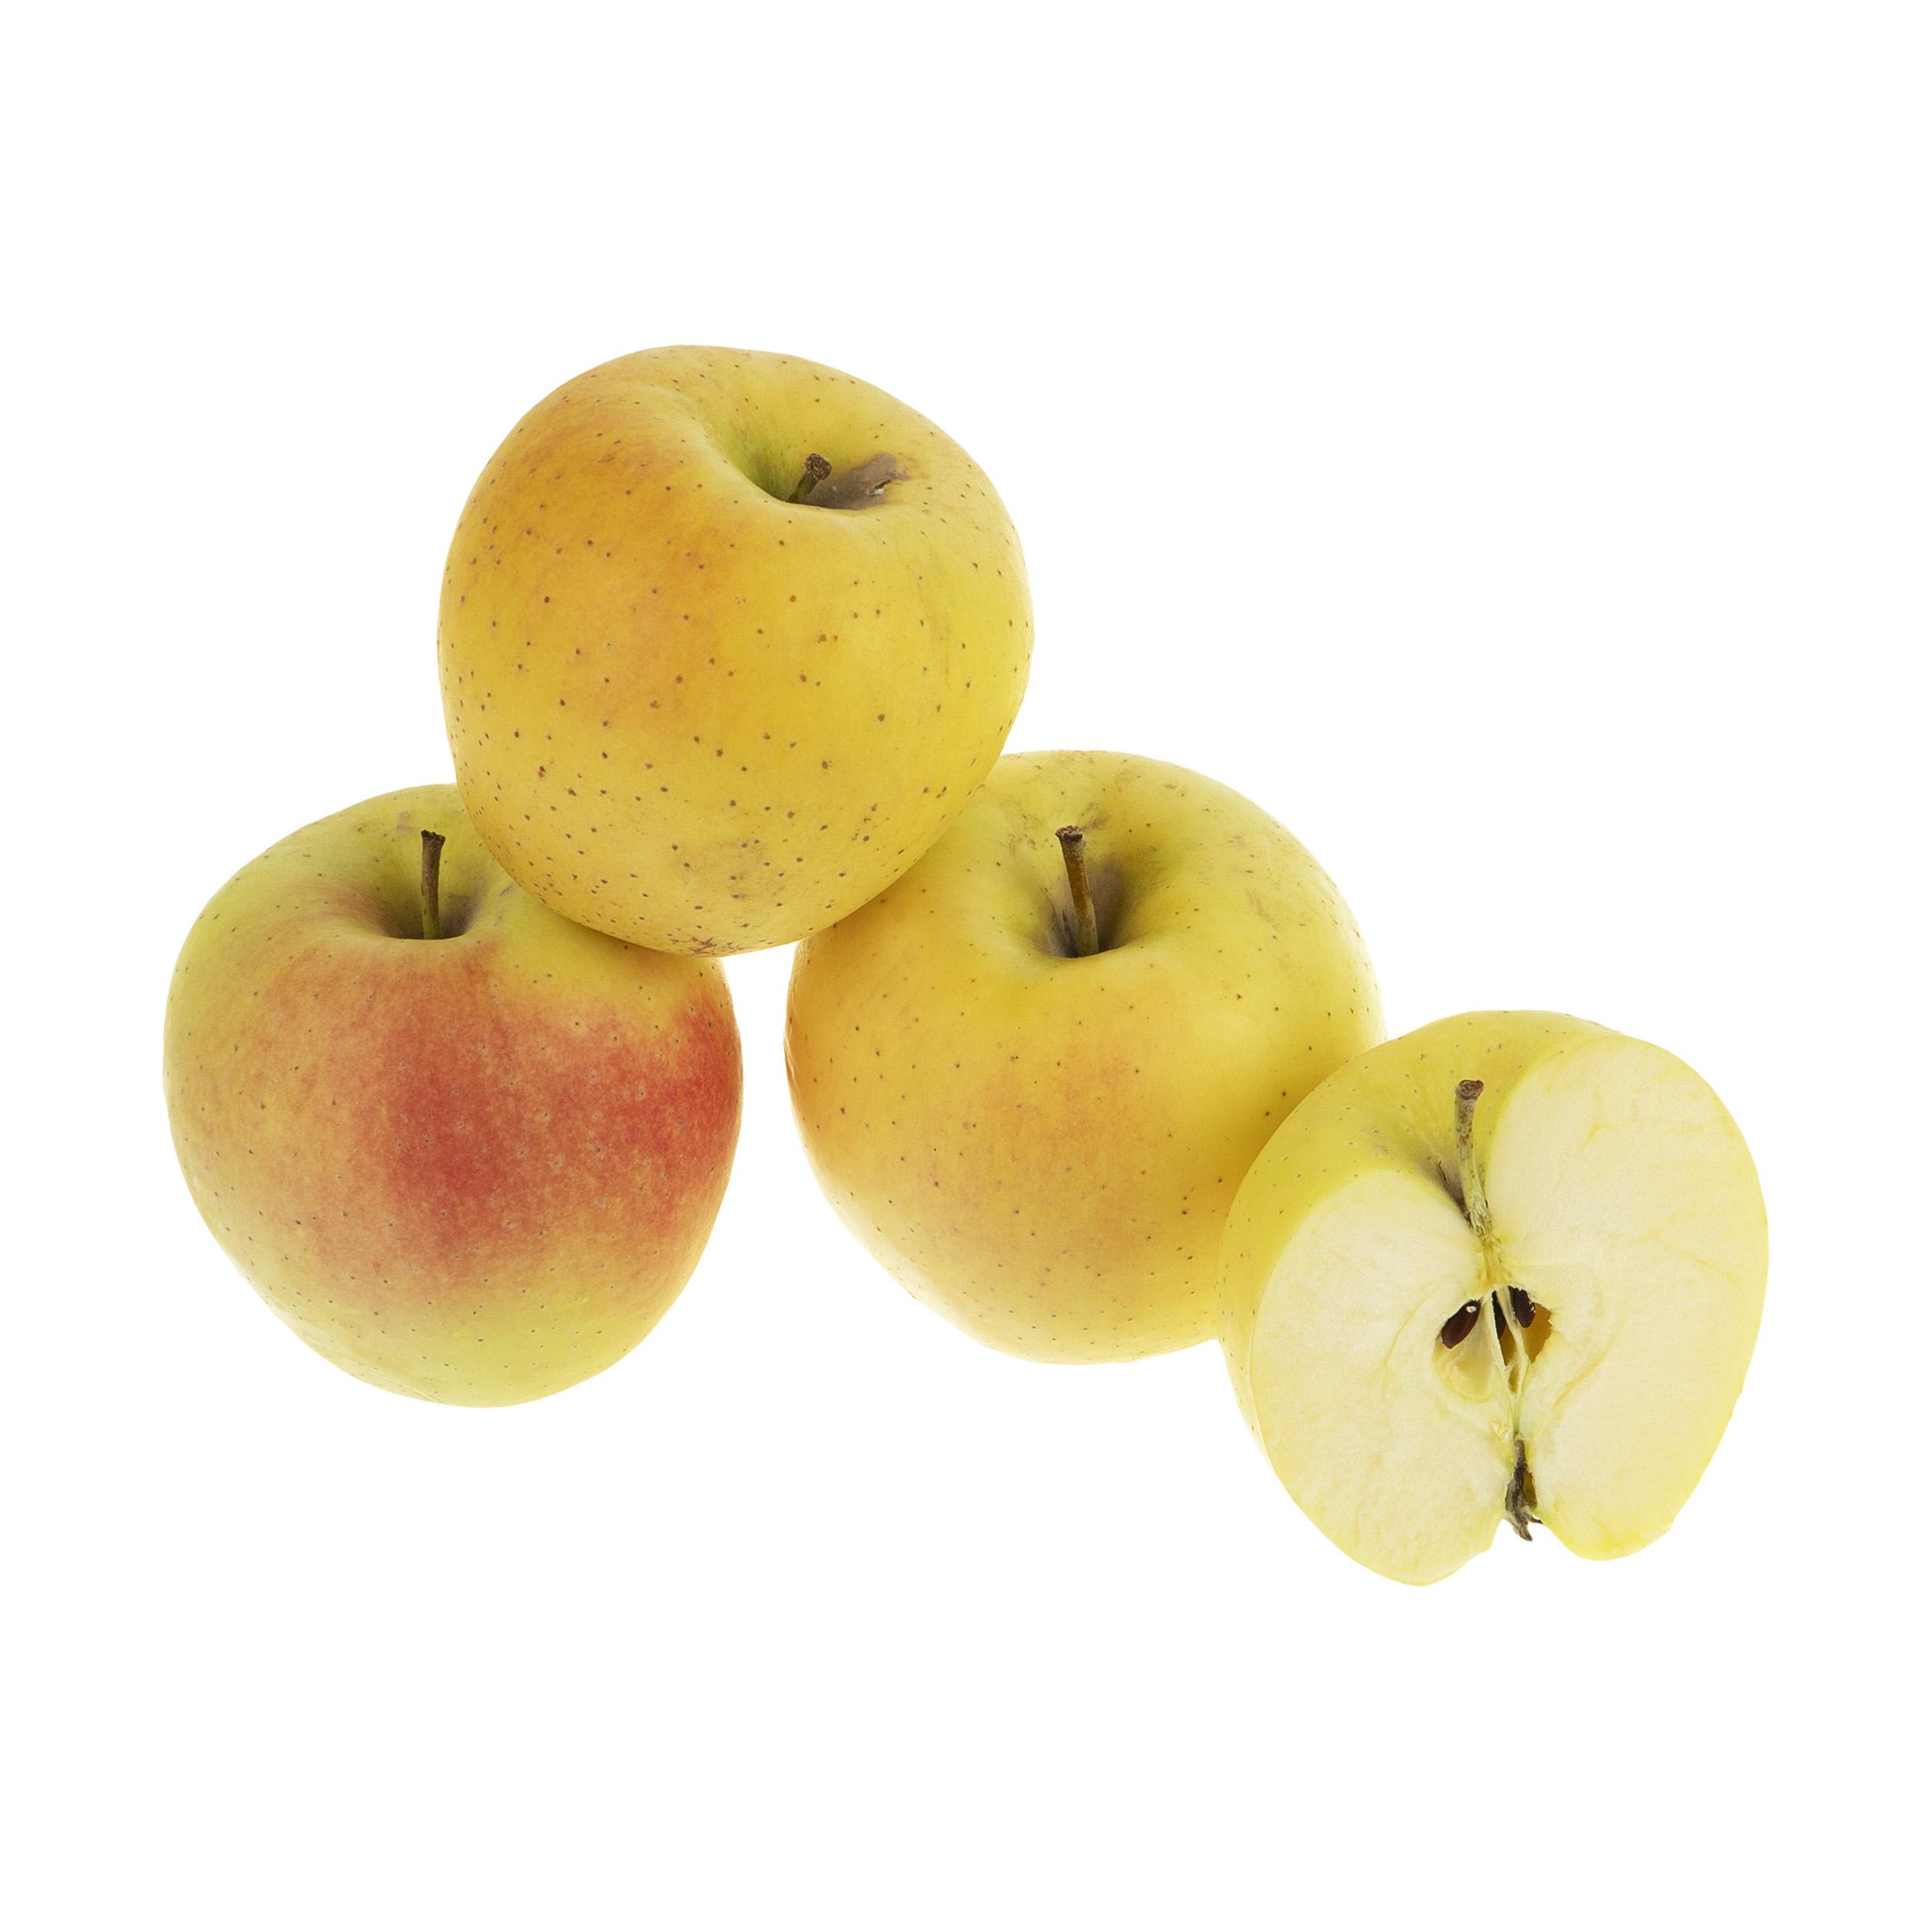 سیب زرد درجه یک بلوط - 1 کیلوگرم